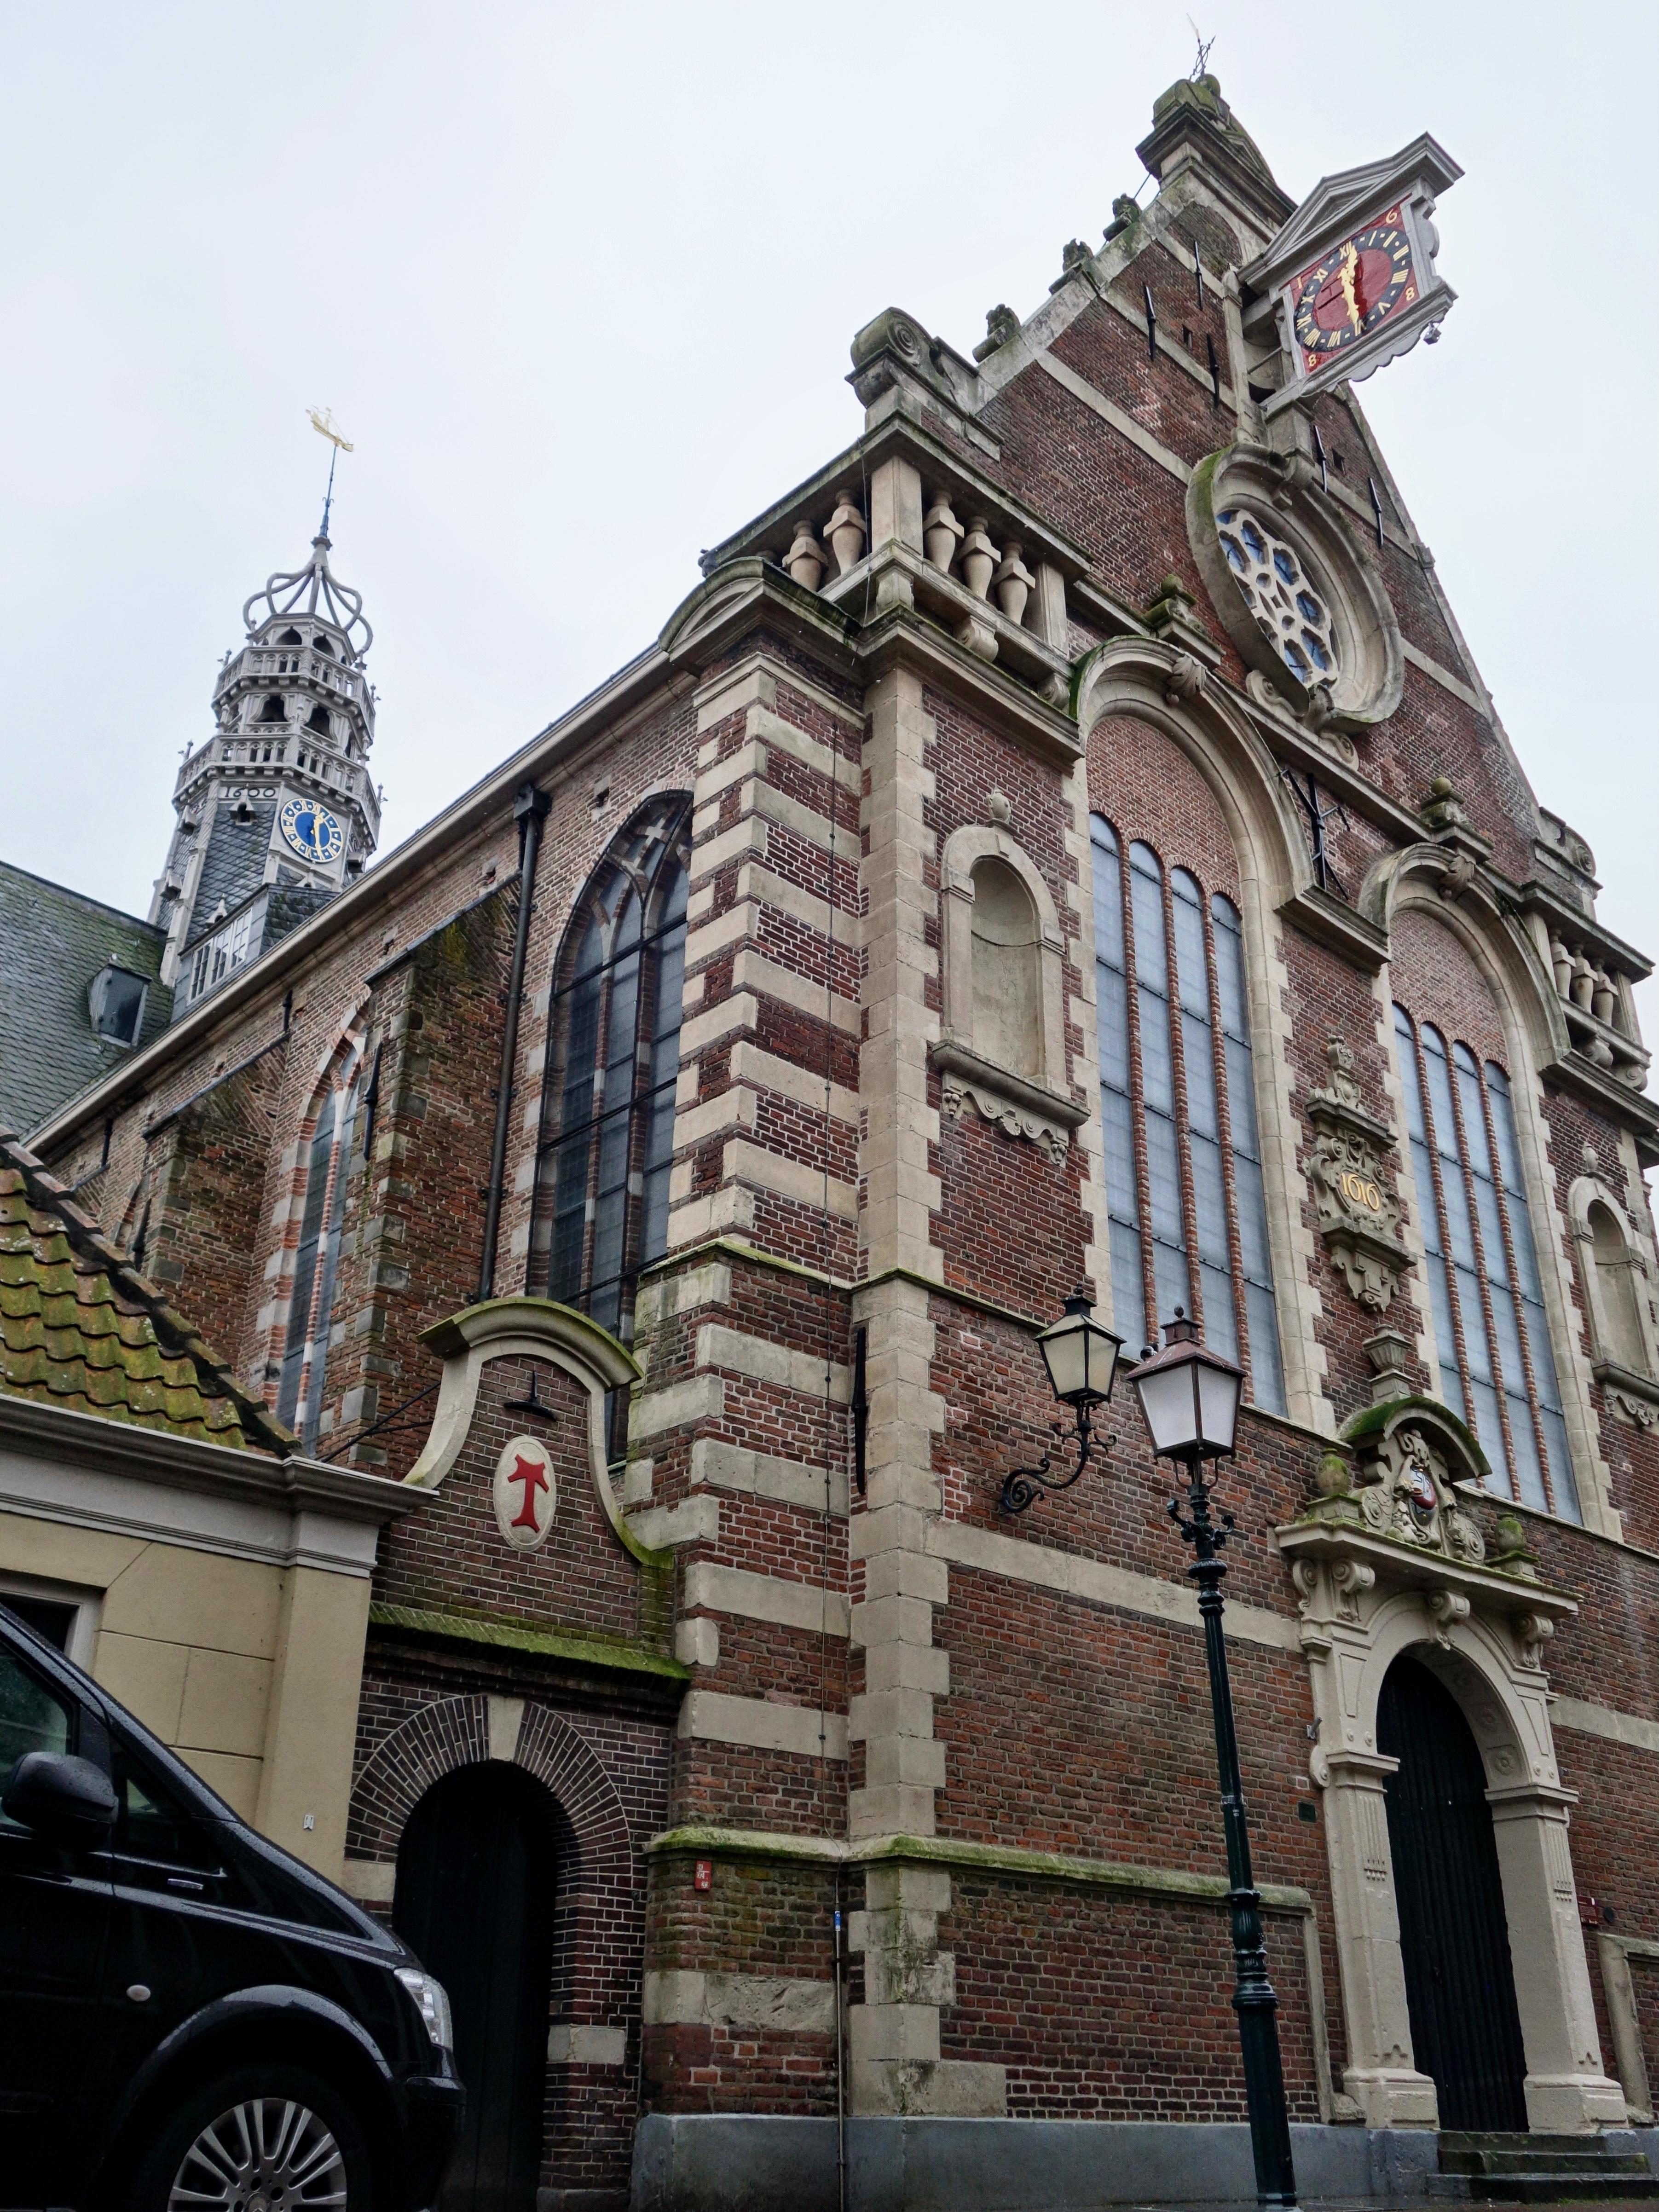 Problemen met nieuwe pleisterlaag in Oosterkerk, maar volgende restauratie wordt alweer voorbereid